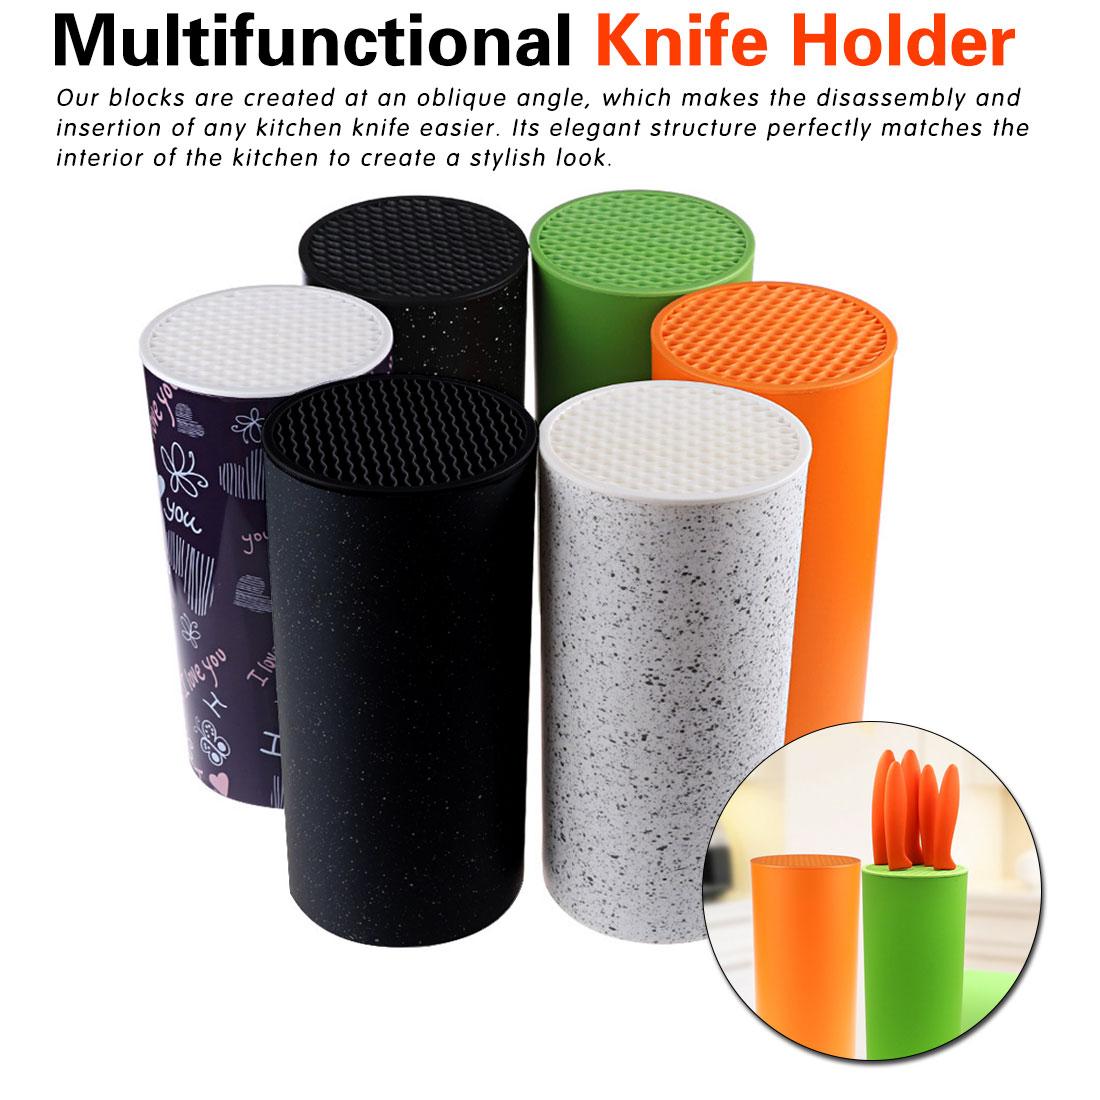 Portaherramientas de plástico multifuncional portaherramientas de plástico cuchillo bloque soporte tubo estante cromofo